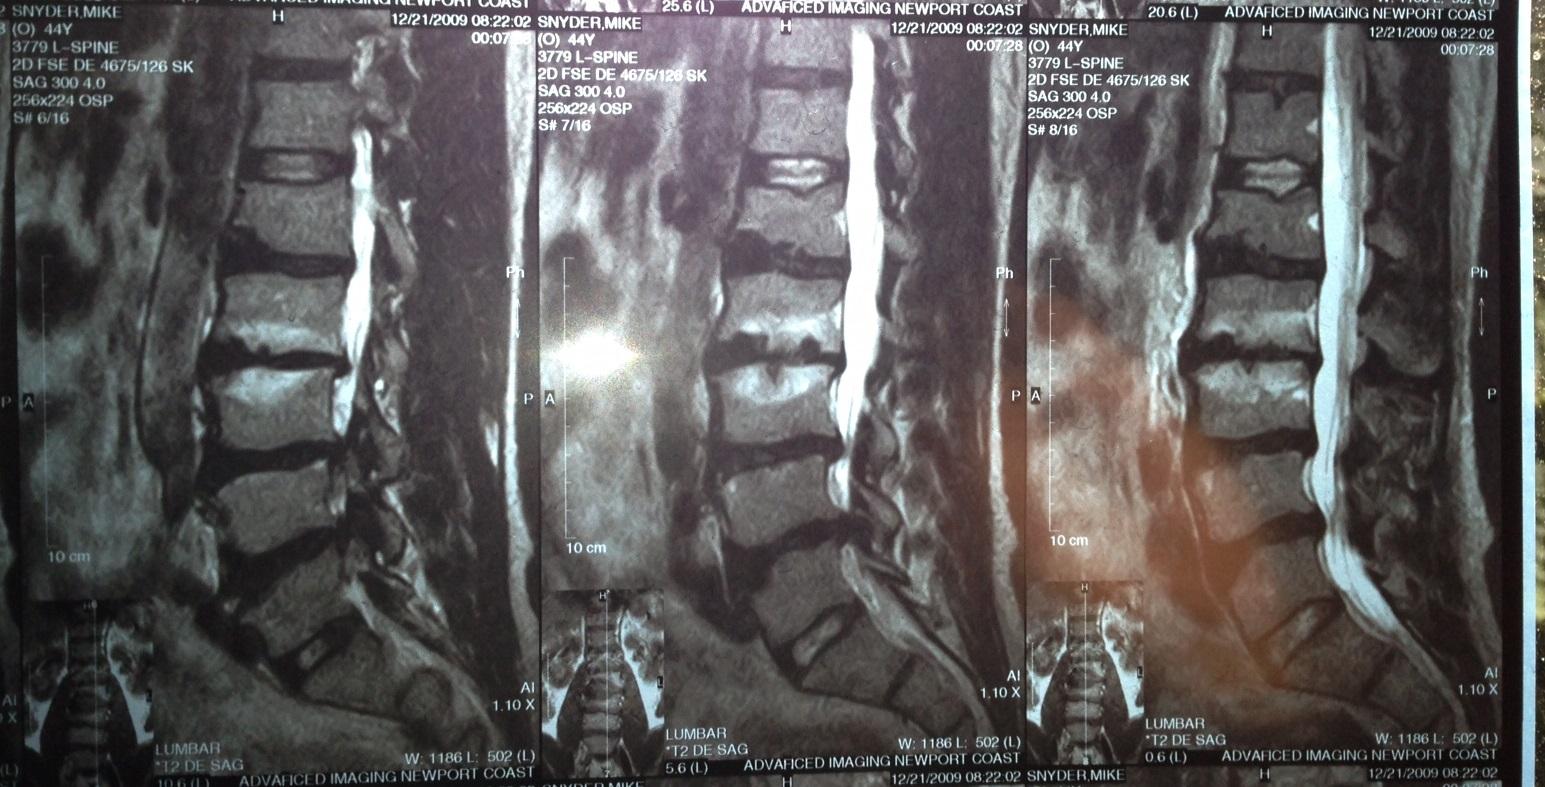 Dr. Mike's Lumbar MRI - 4 herniated discs